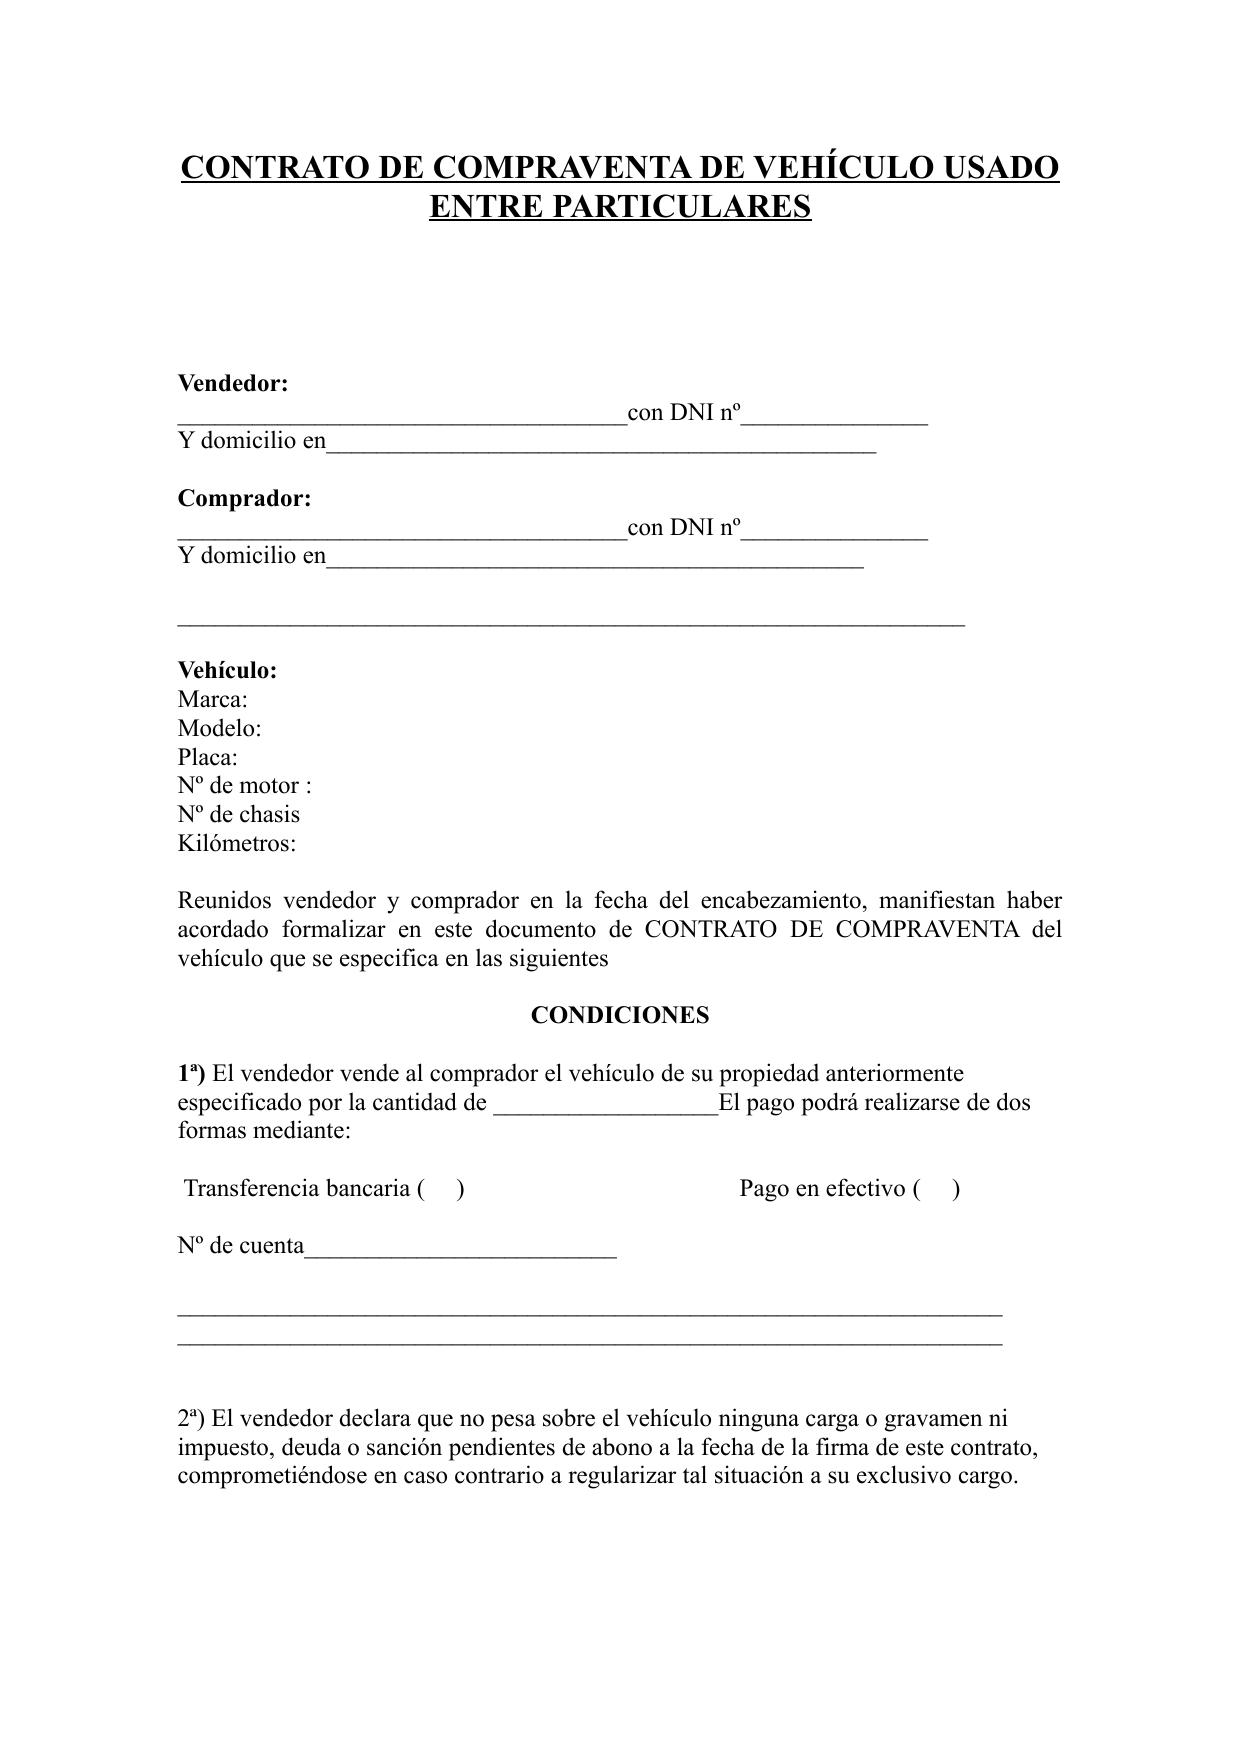 365131546 Contrato De Compraventa De Vehiculo Usado Entre Particulares Doc